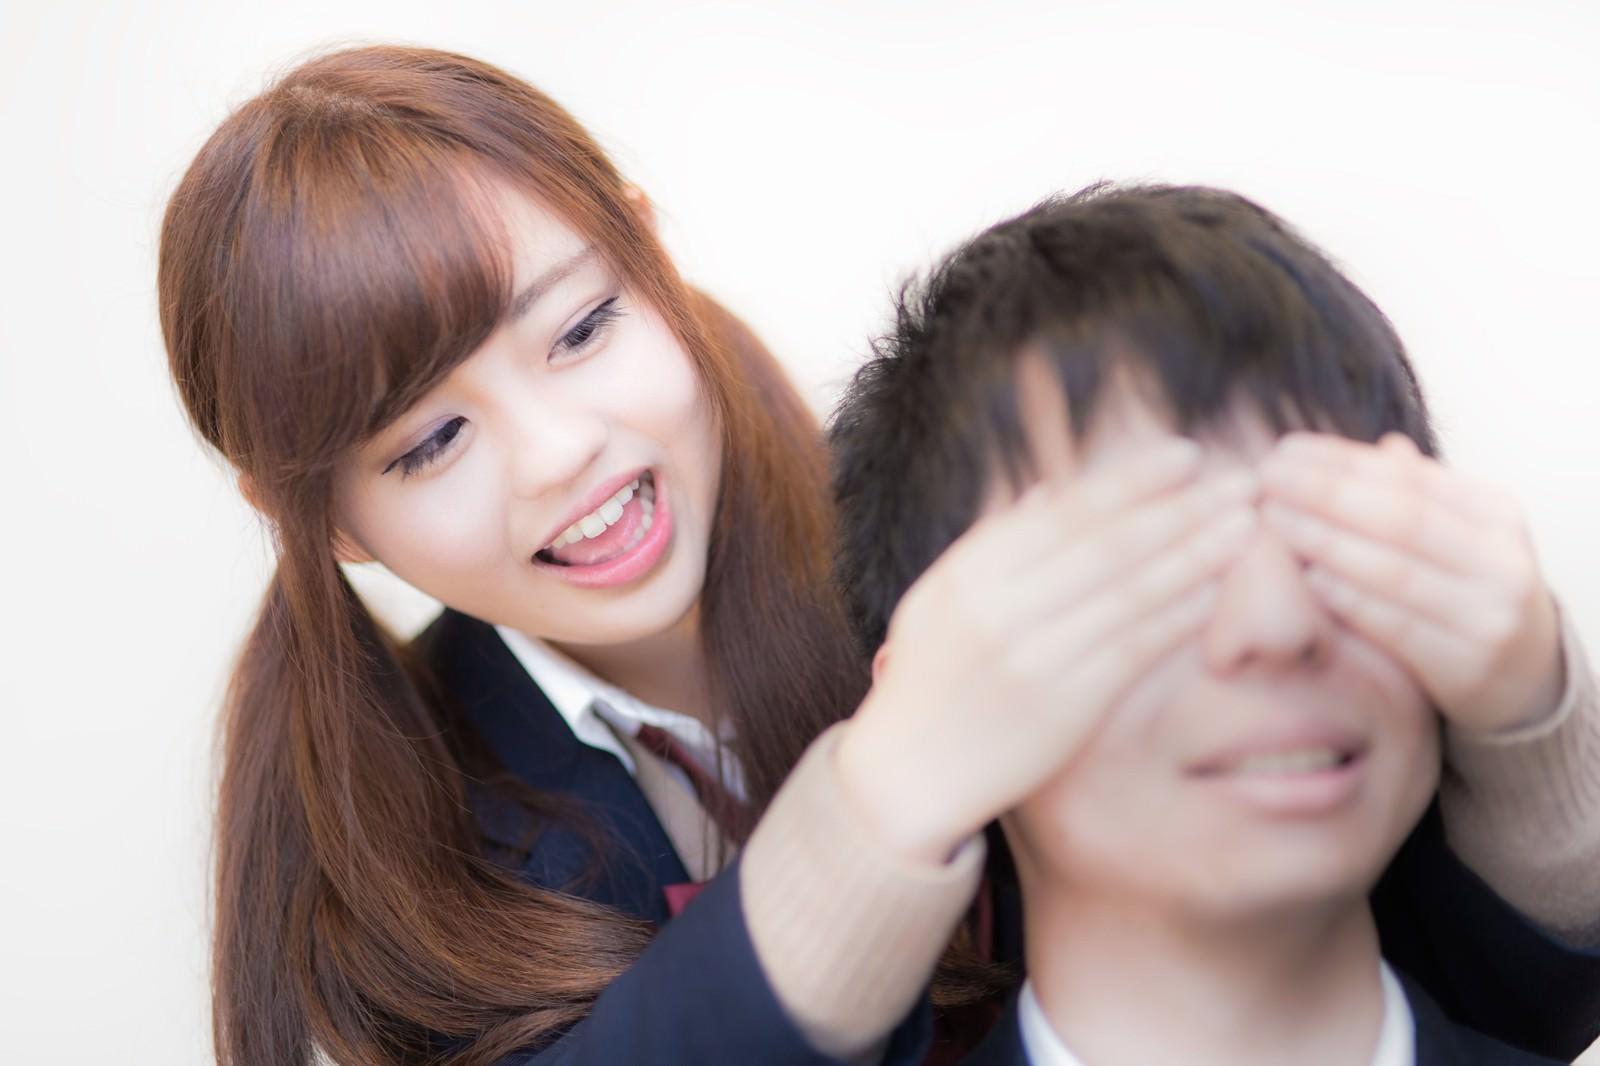 「「えへへ、だーれだ」女子高生に目隠しされる彼氏」の写真[モデル:河村友歌]